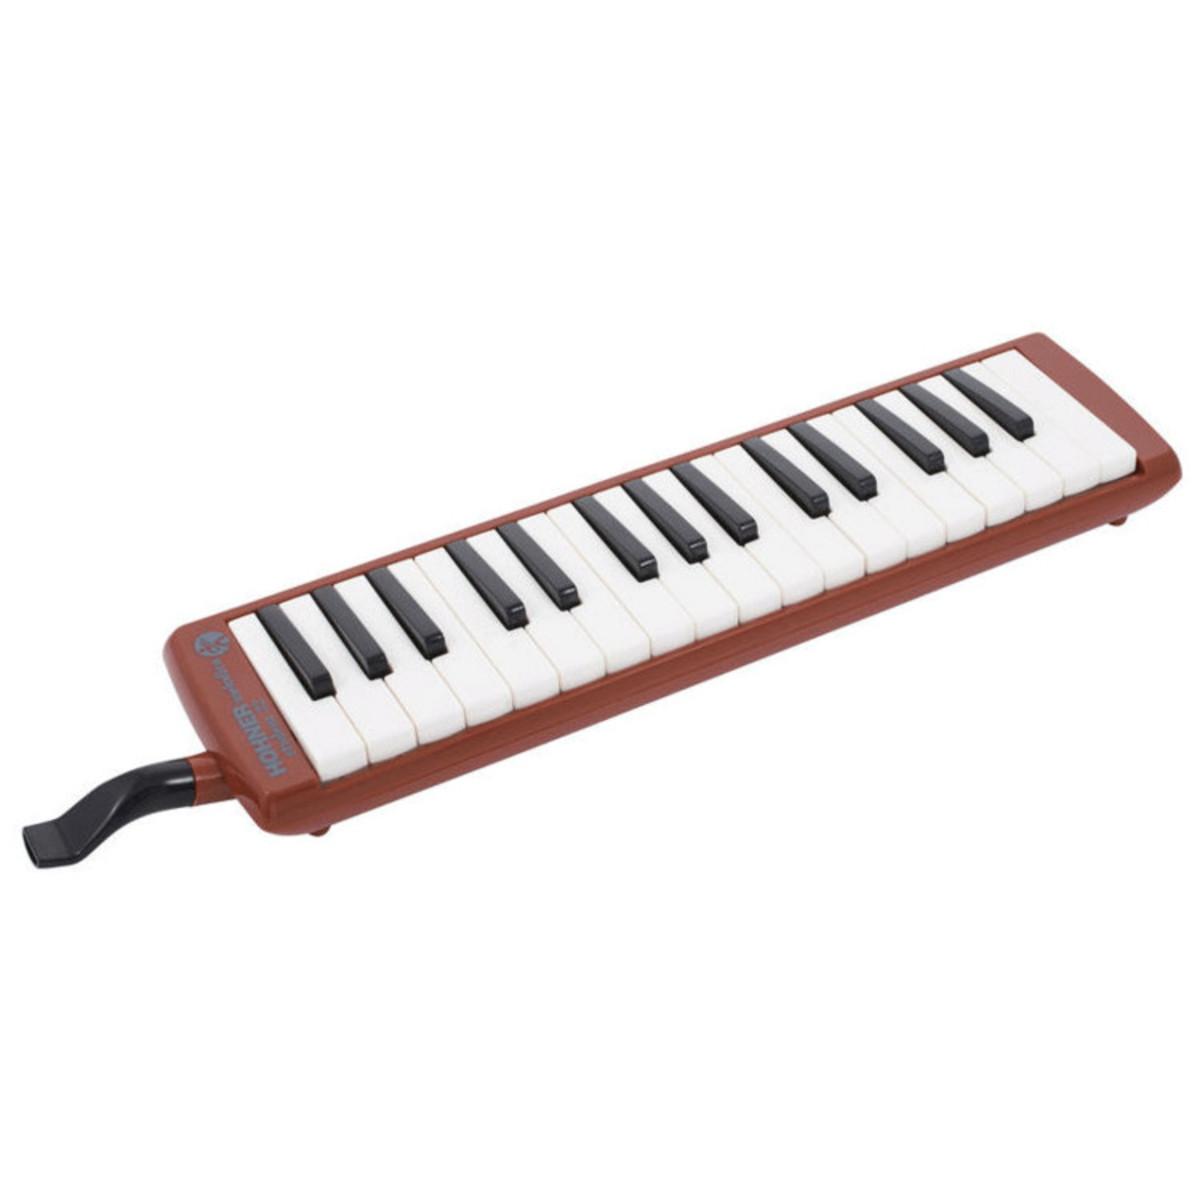 Escaleta Hohner - Melodica Student 32 - Vermelha